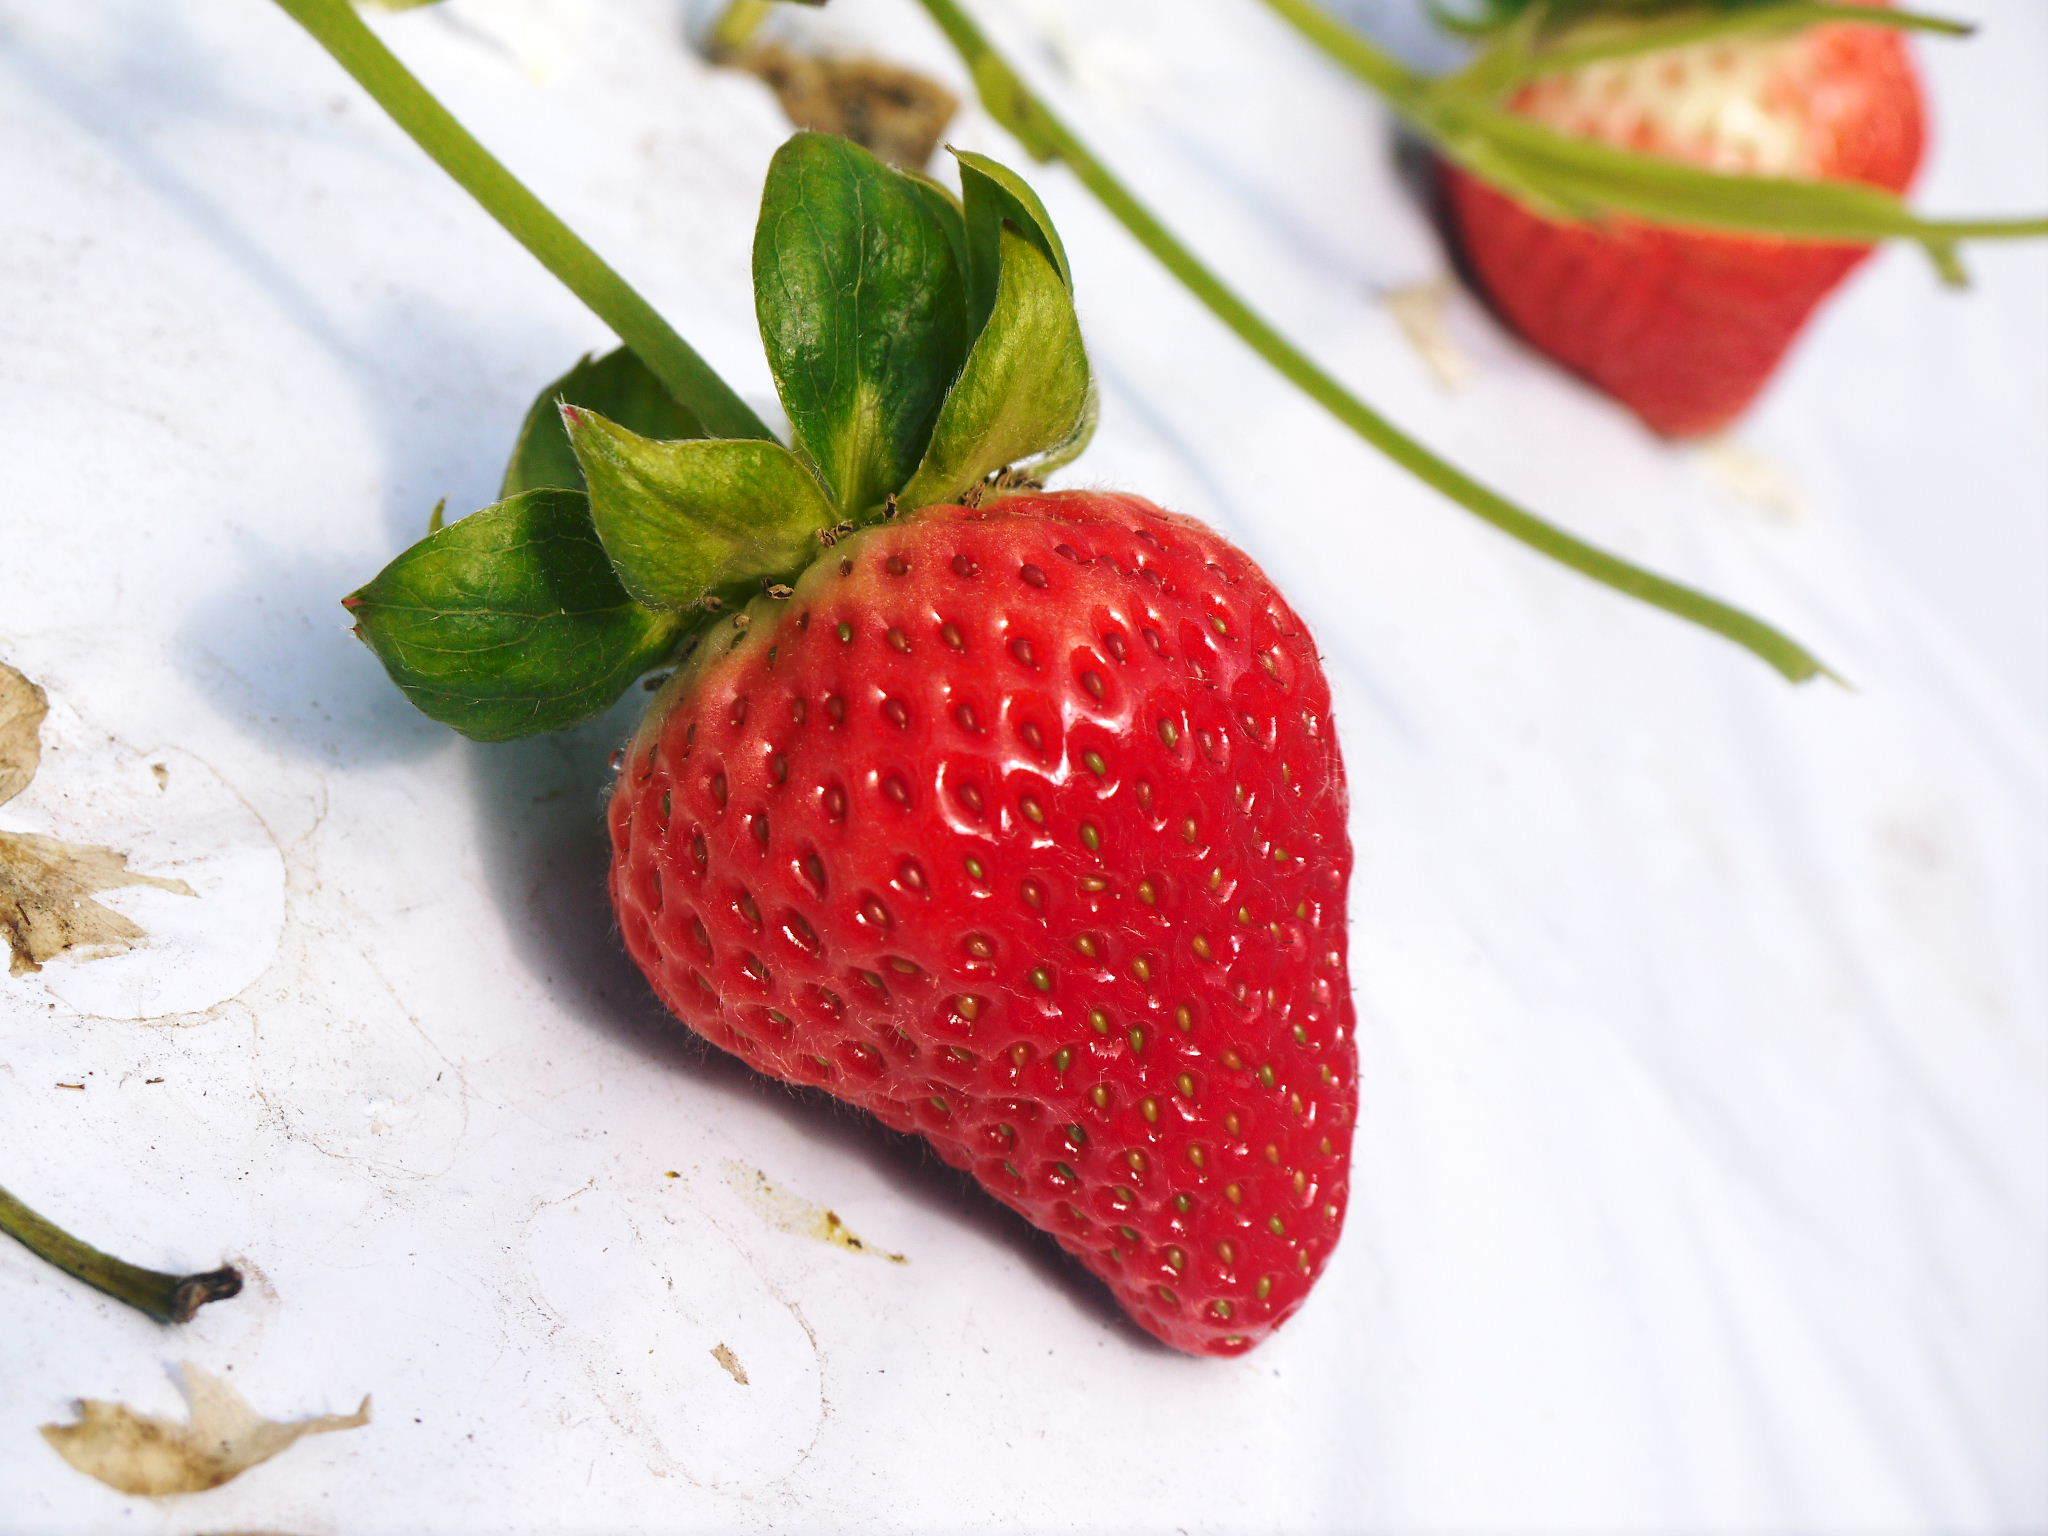 熊本限定栽培品種のイチゴ『熊紅(ゆうべに)』 大好評に付、は少々お待たせする場合がございます!_a0254656_17263306.jpg